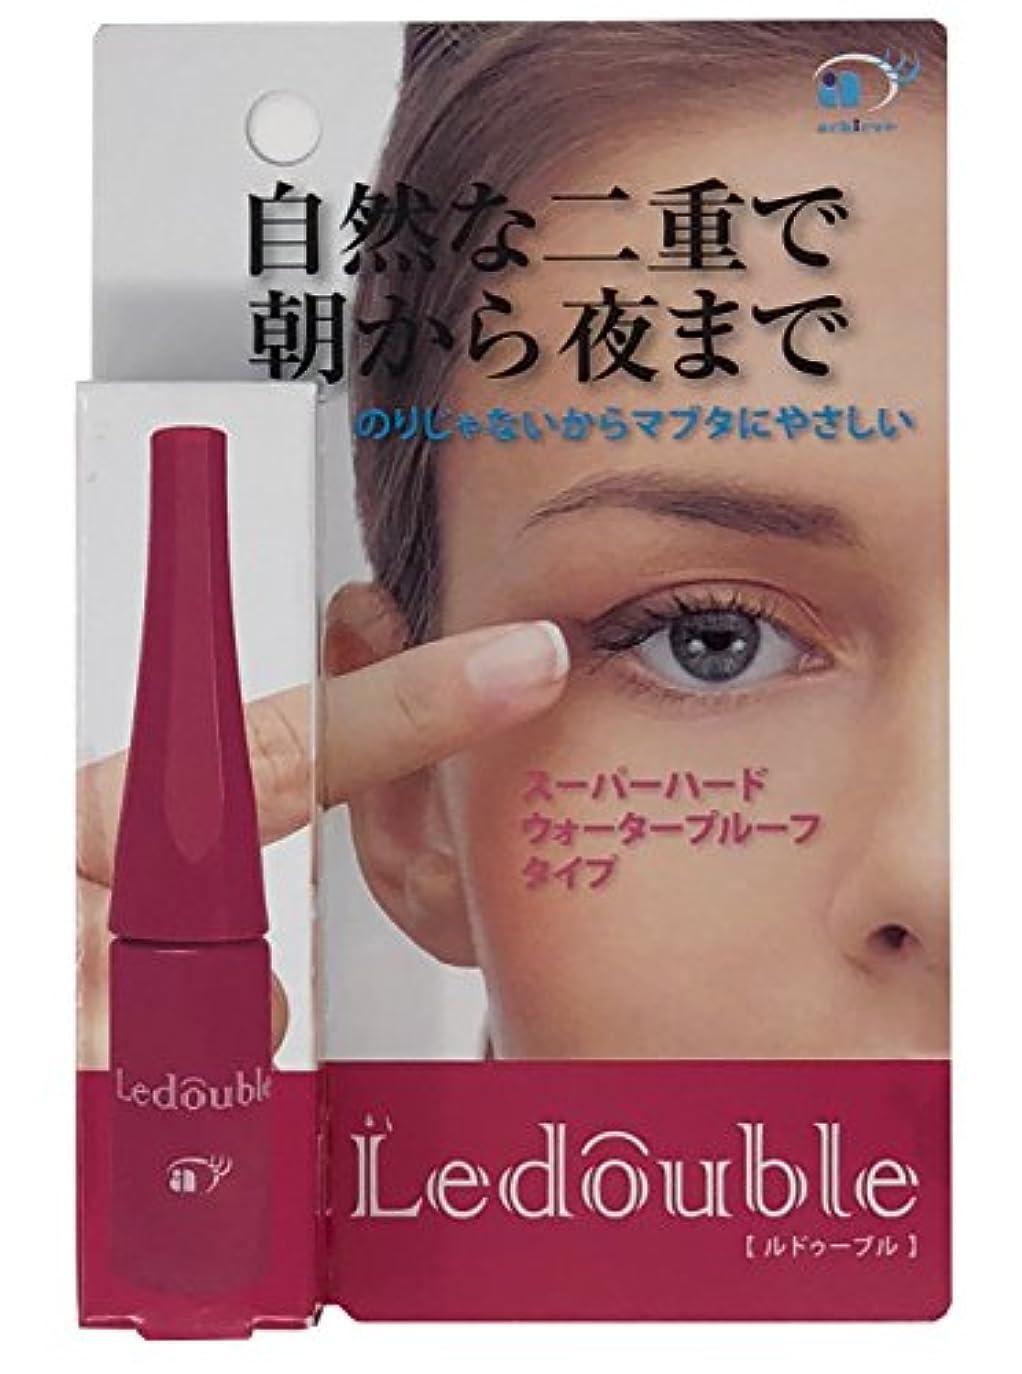 チーター格納冗長Ledouble [ルドゥーブル] 二重まぶた化粧品 (4mL) 限定200%増量